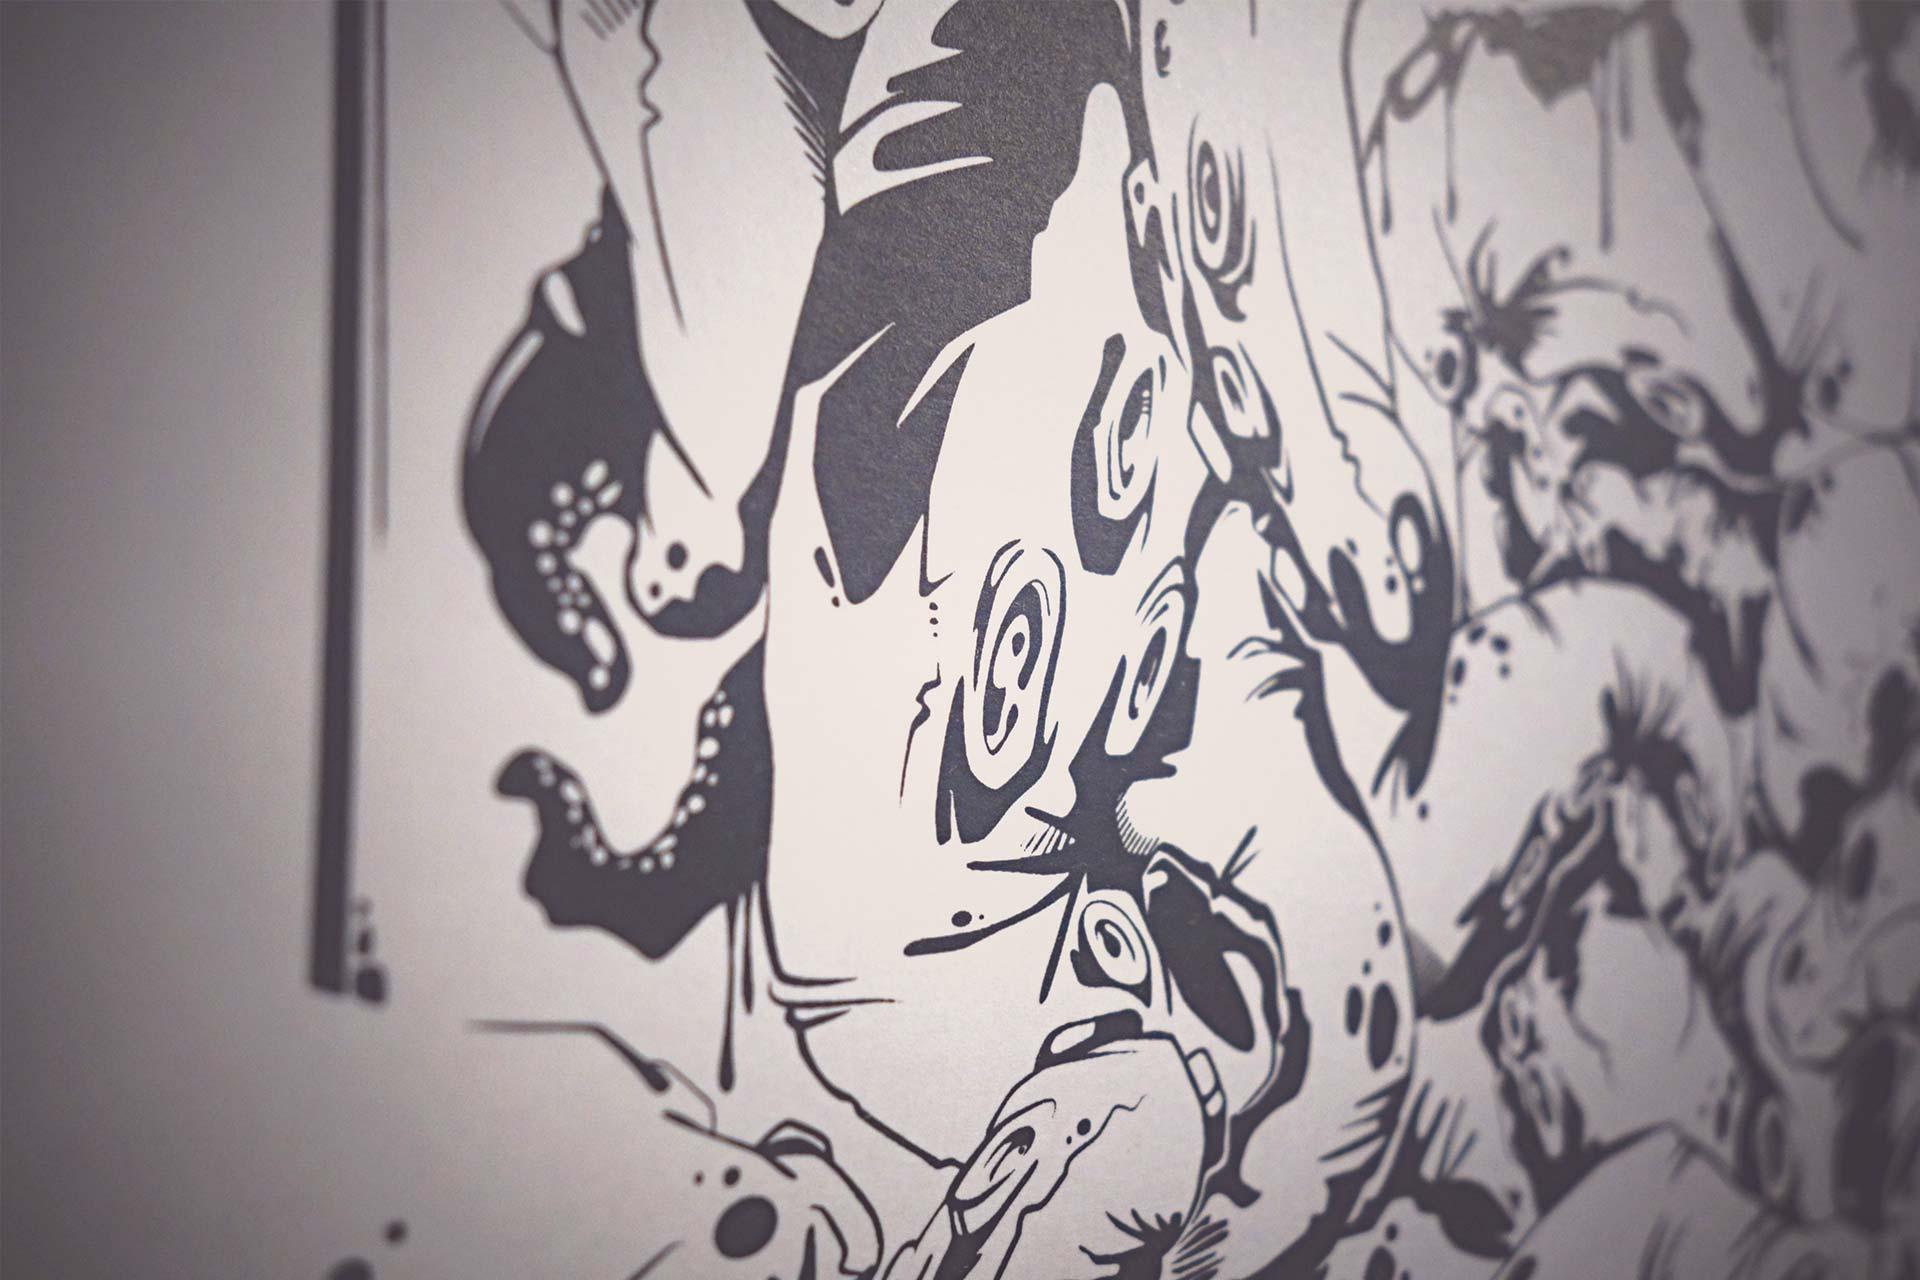 squids-01-05